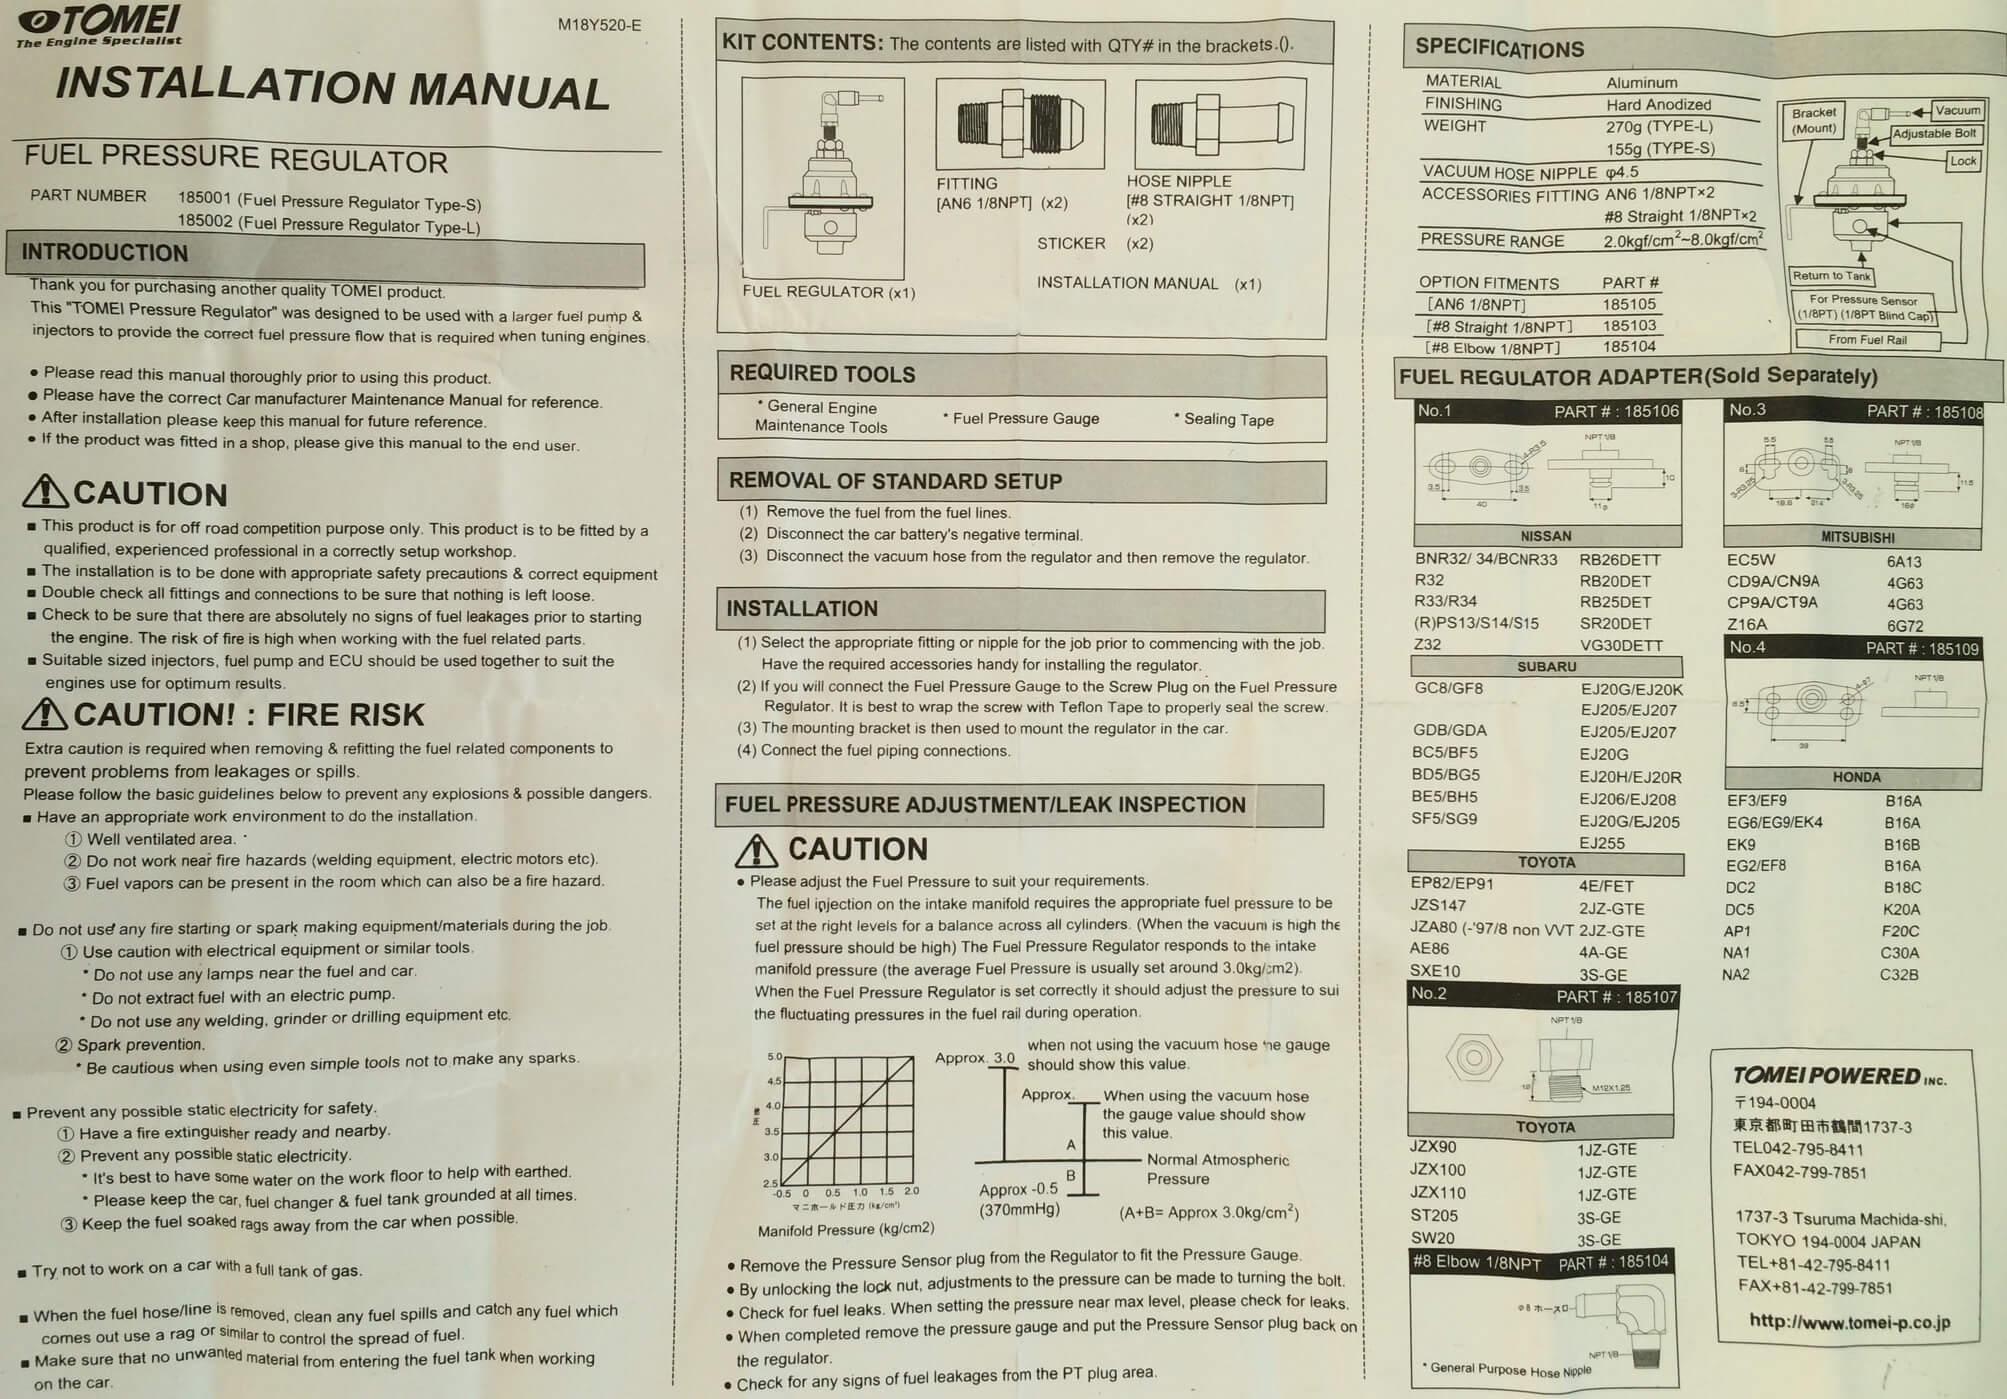 Инструкция по подключению регулятора давления топлива TOMEI S